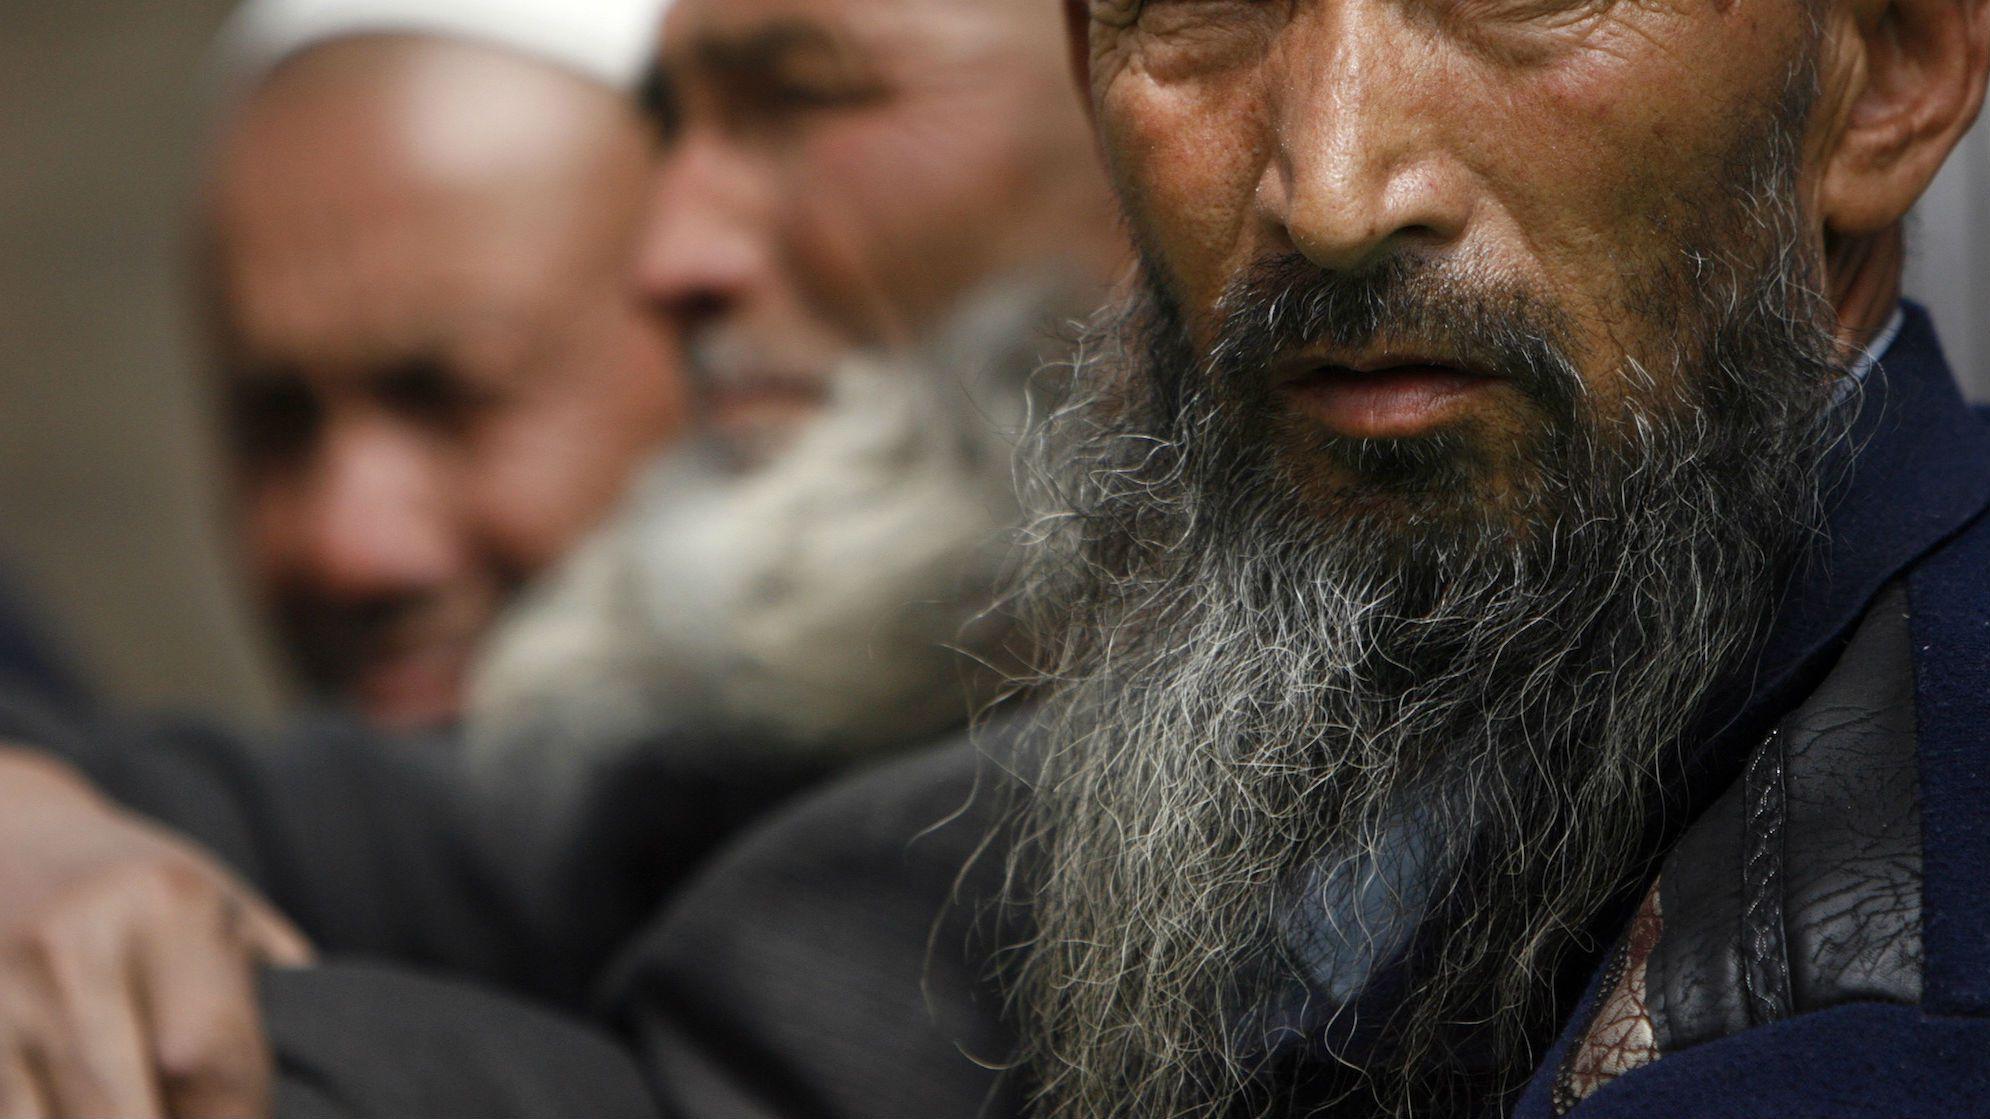 Uighur men in Yarkand Xinjiang